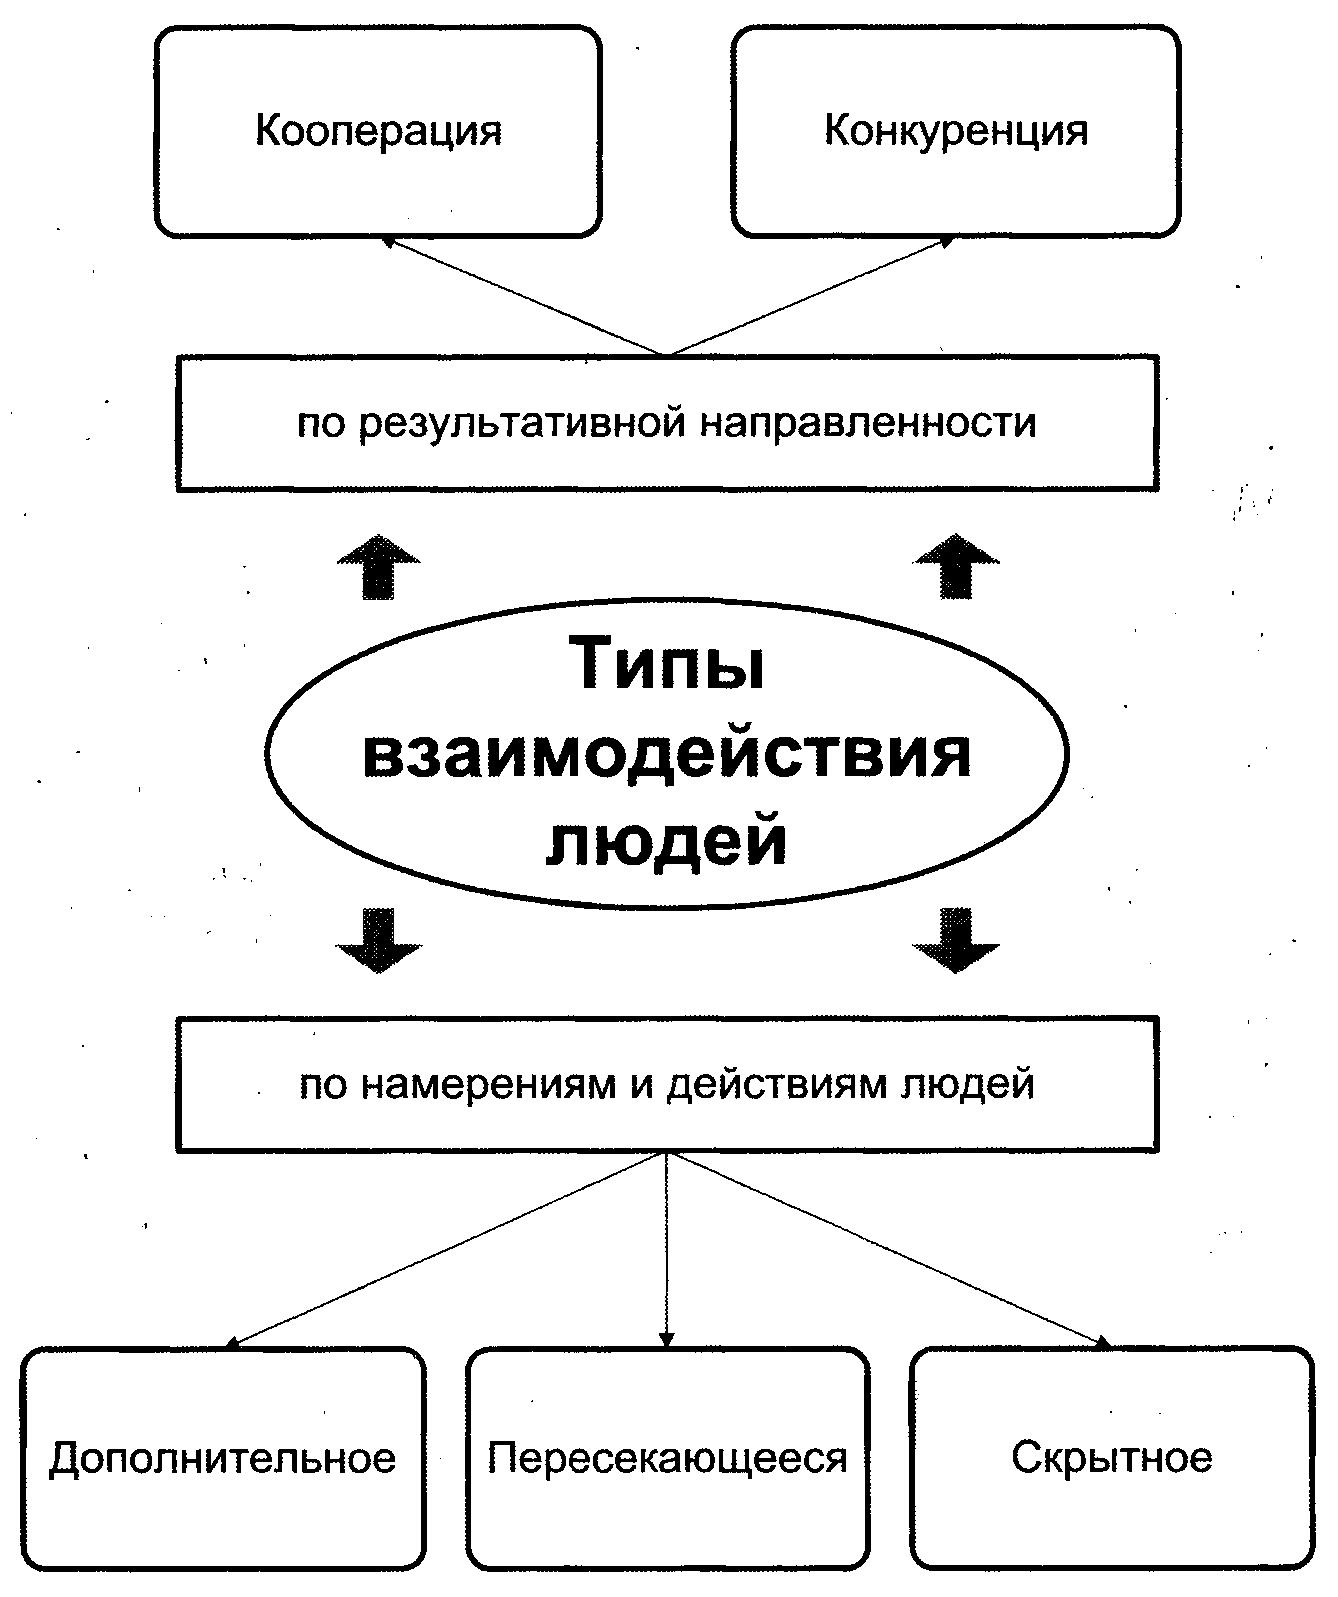 Типы взаимодействия людей в женском коллективе